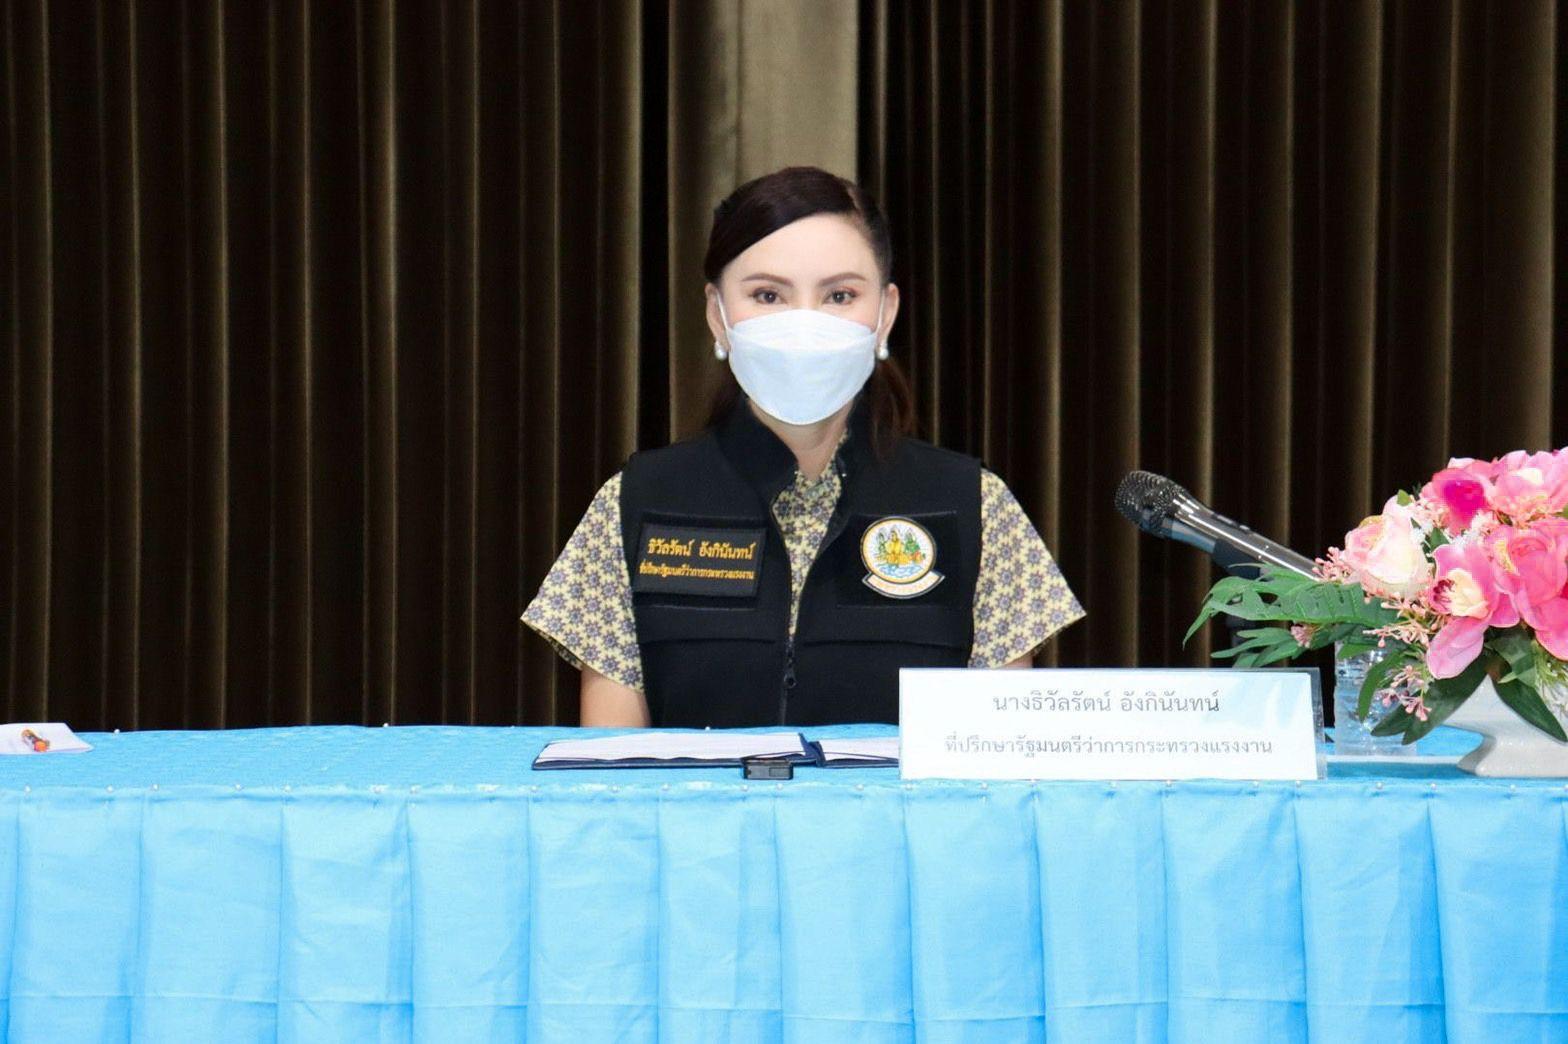 รมว.สุชาติ ส่ง 'ที่ปรึกษา' มอบนโยบายแก่อาสาสมัครแรงงาน จ.เพชรบุรี ฟันเฟืองสำคัญนำบริการแรงงานสู่ชุมชน